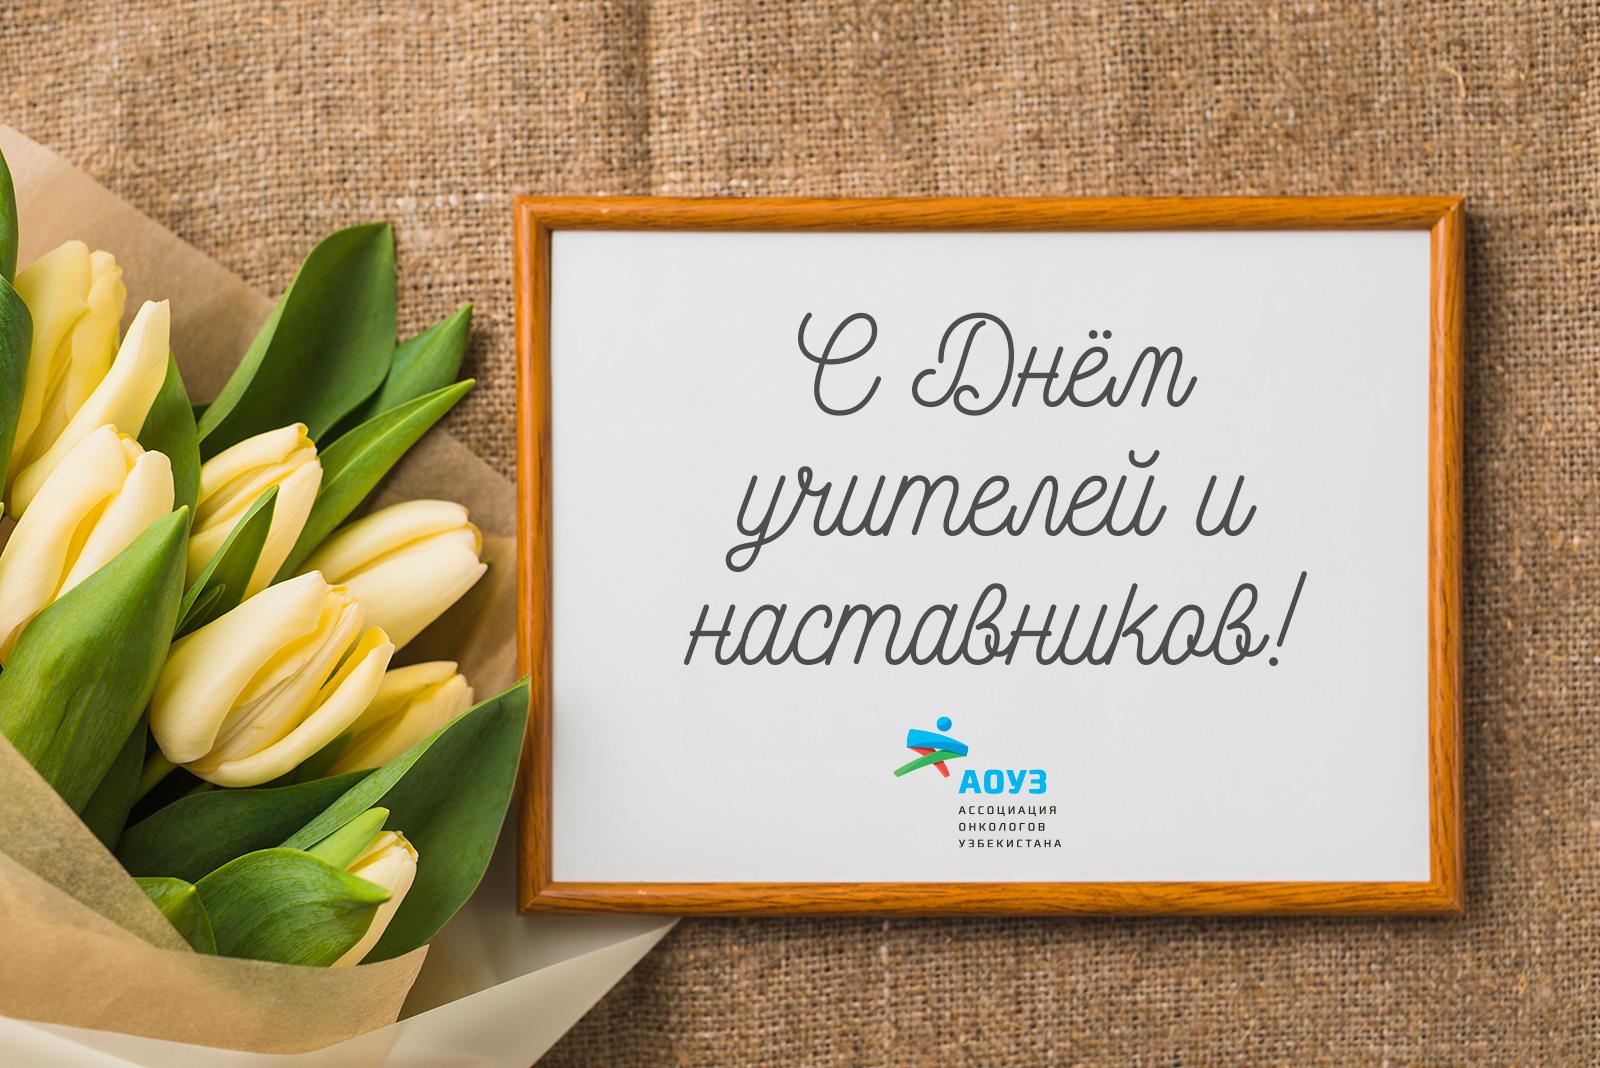 С Днём учителей и наставников!